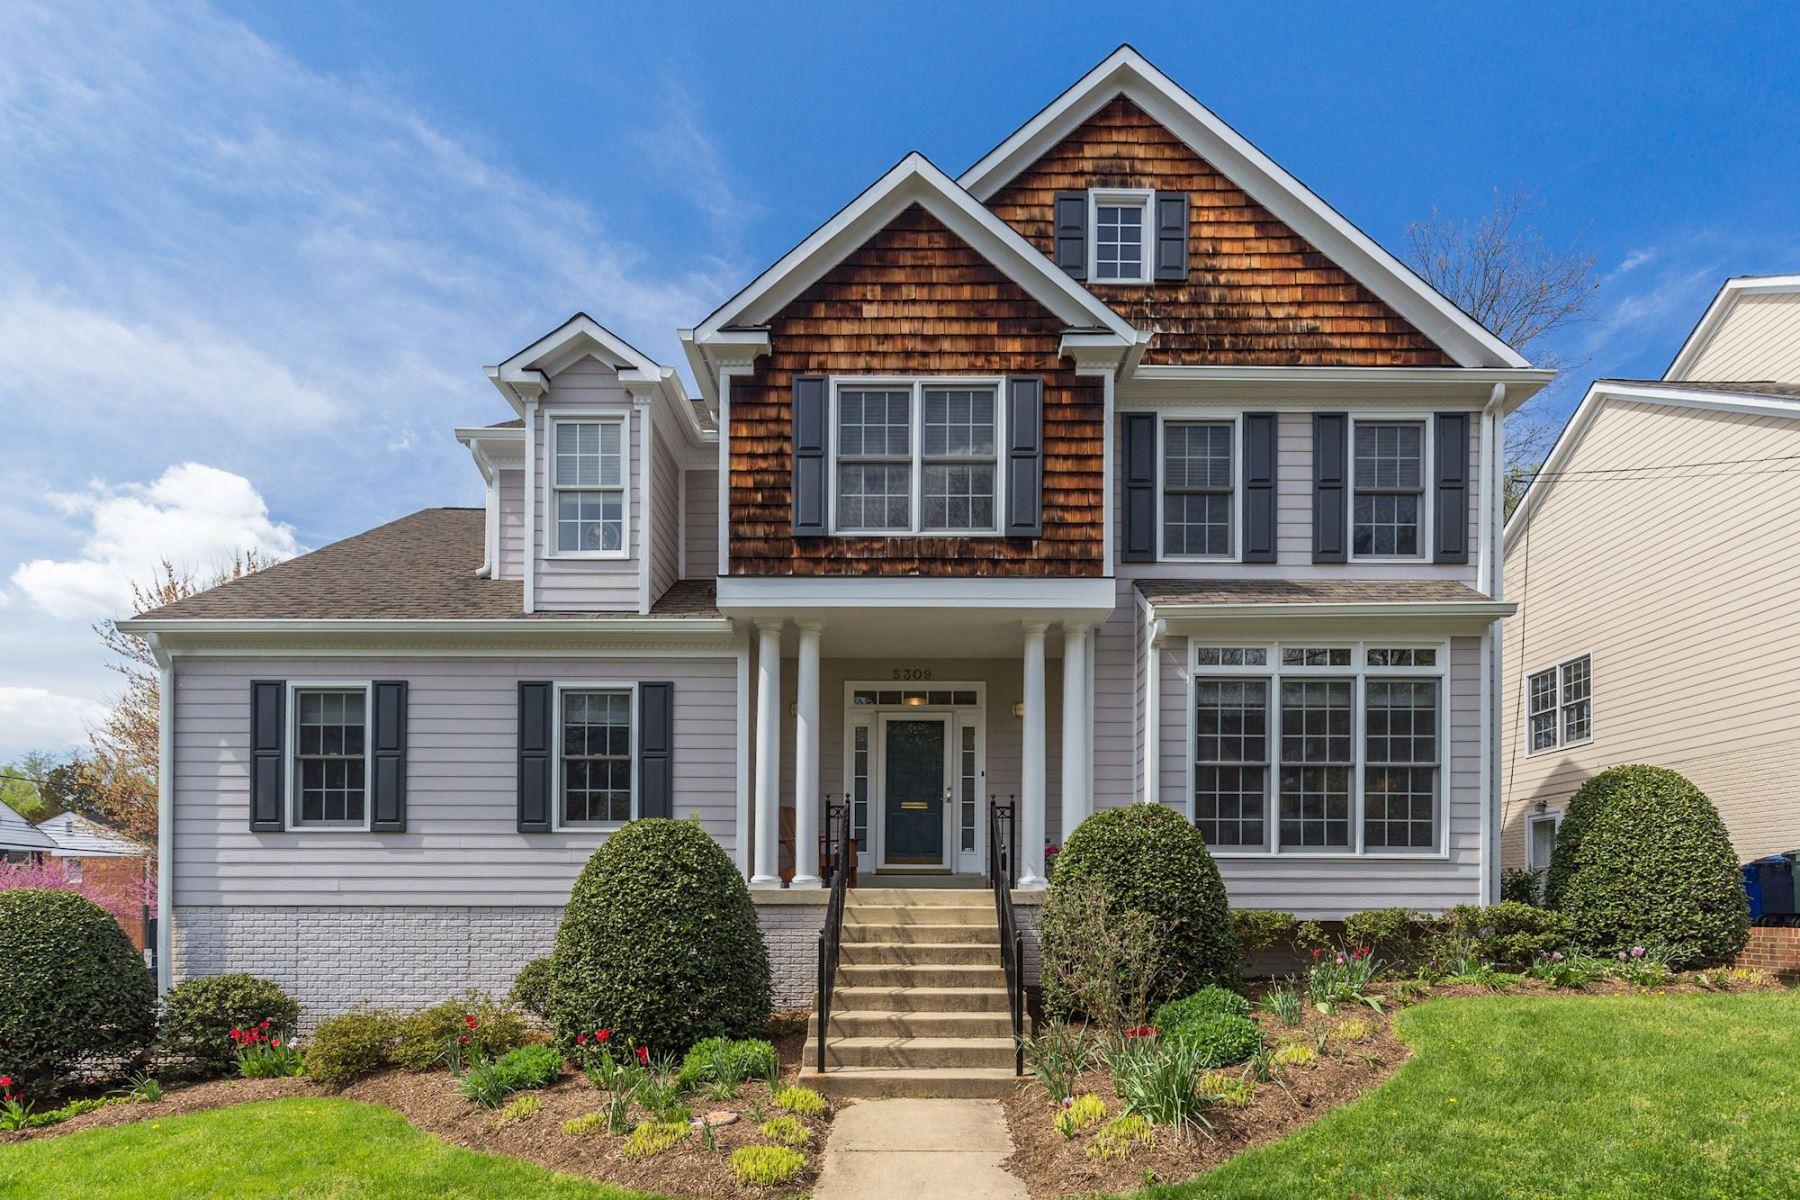 Nhà ở một gia đình vì Bán tại 5309 Cushing Place Nw, Washington Washington, District Of Columbia, 20016 Hoa Kỳ